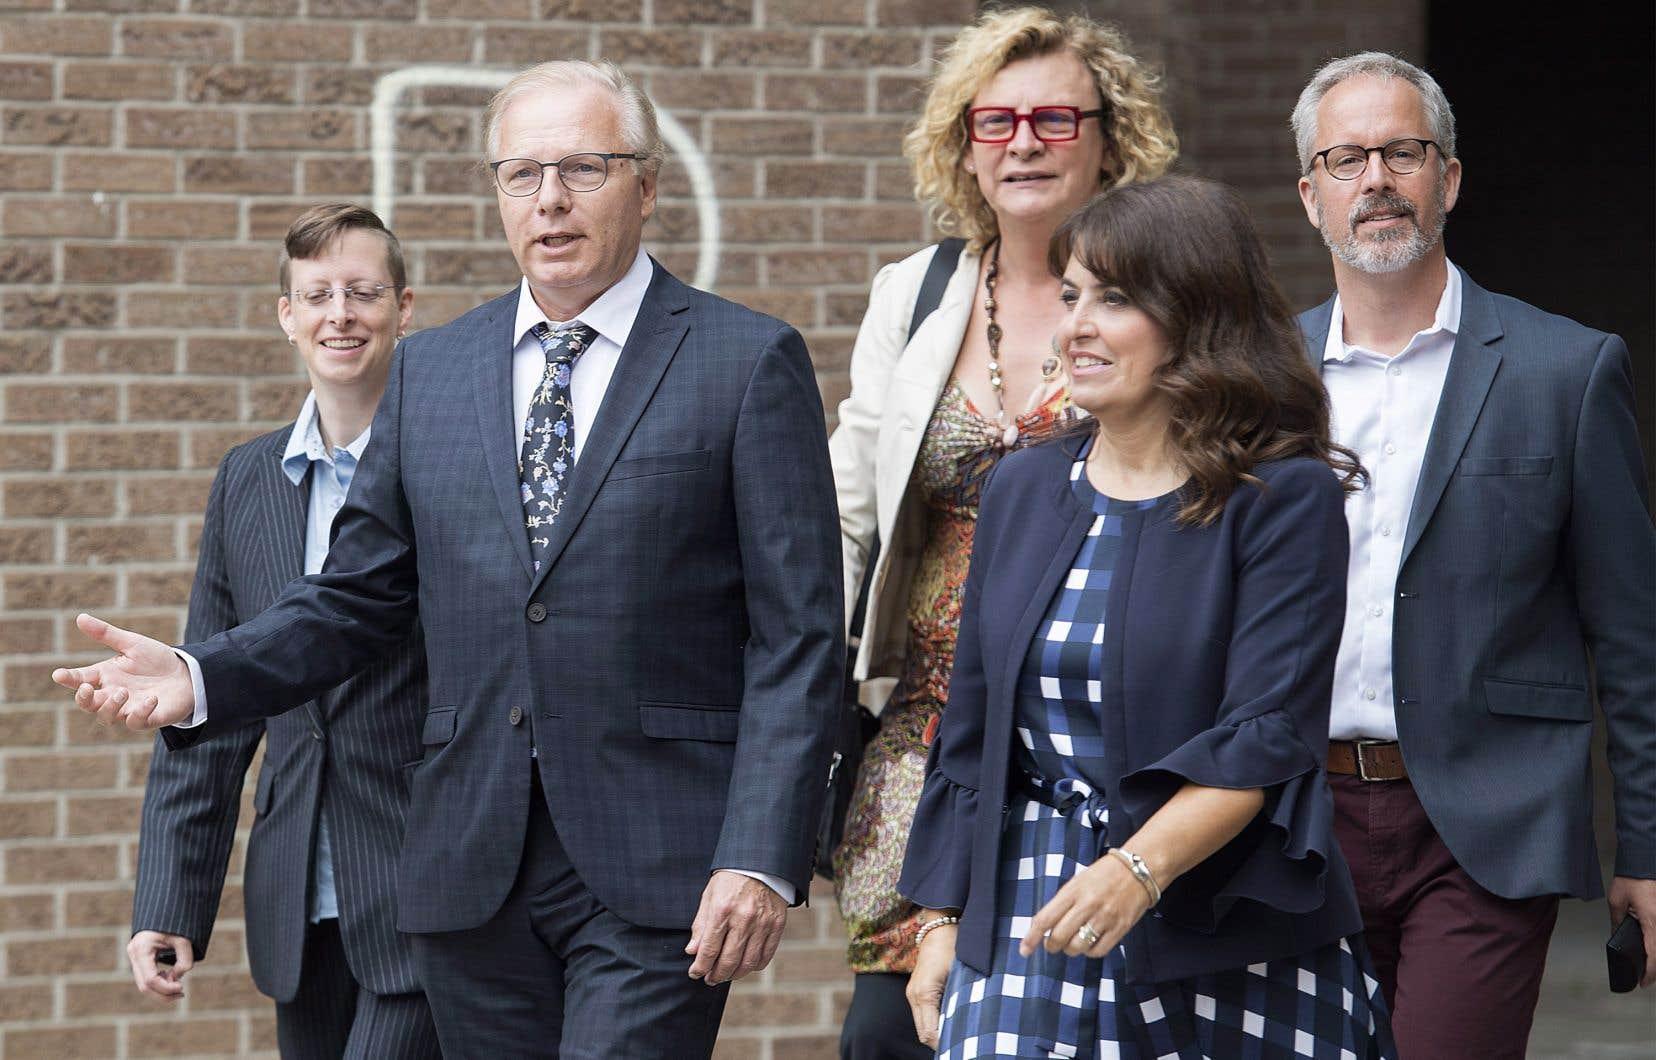 Le chef du Parti québécois, Jean-François Lisee, à gauche, et la chef adjointe, Véronique Hivon, à droite, arrivant à un événement de nomination lors de la campagne électorale à Montréal, le dimanche 26 août 2018